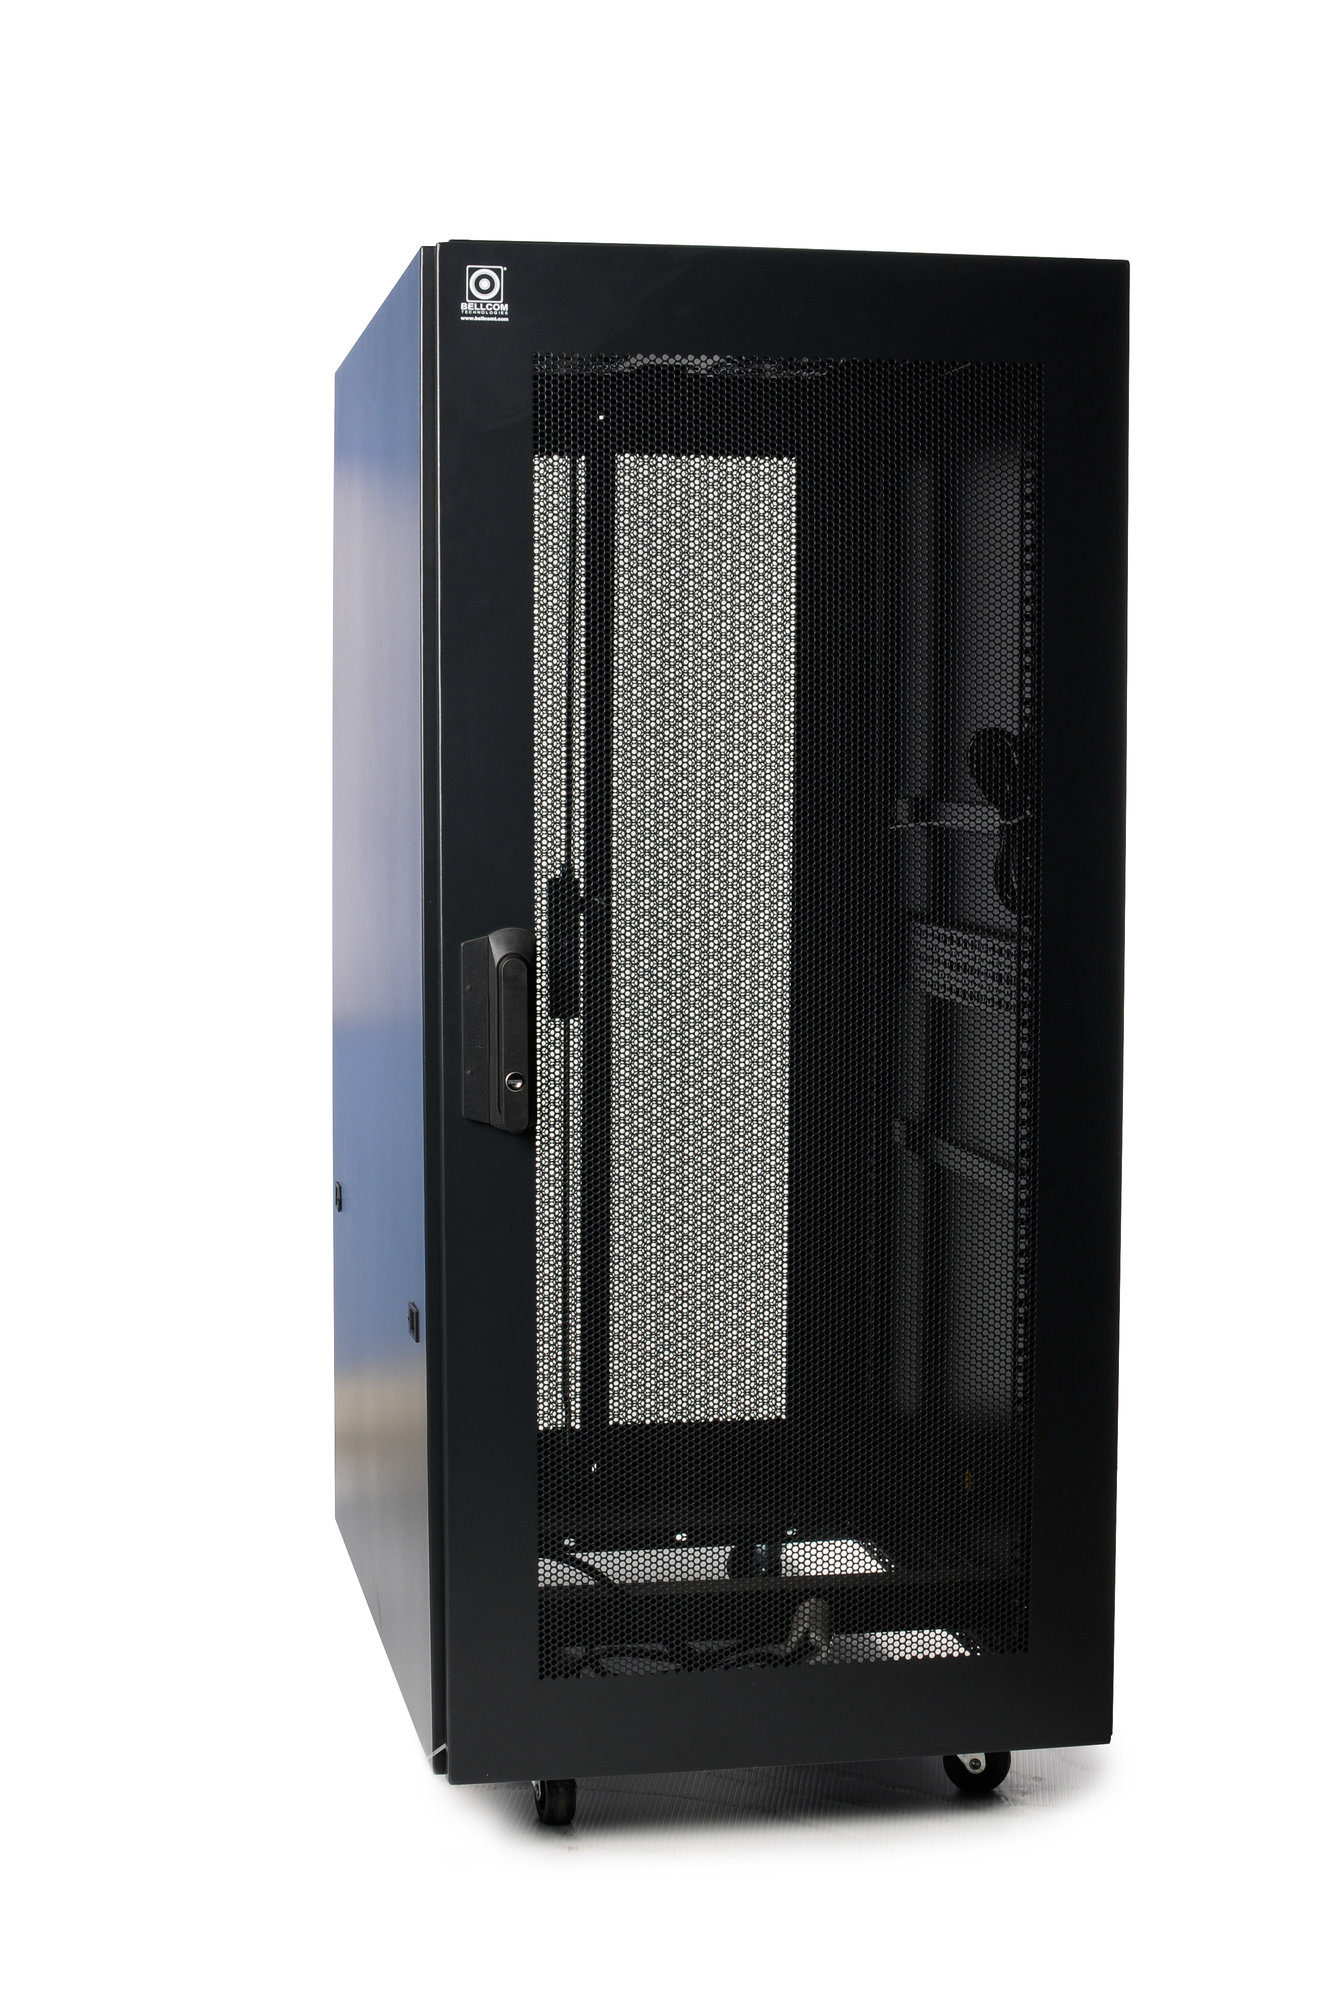 cabinets rack apps racks server enclosure uno entree